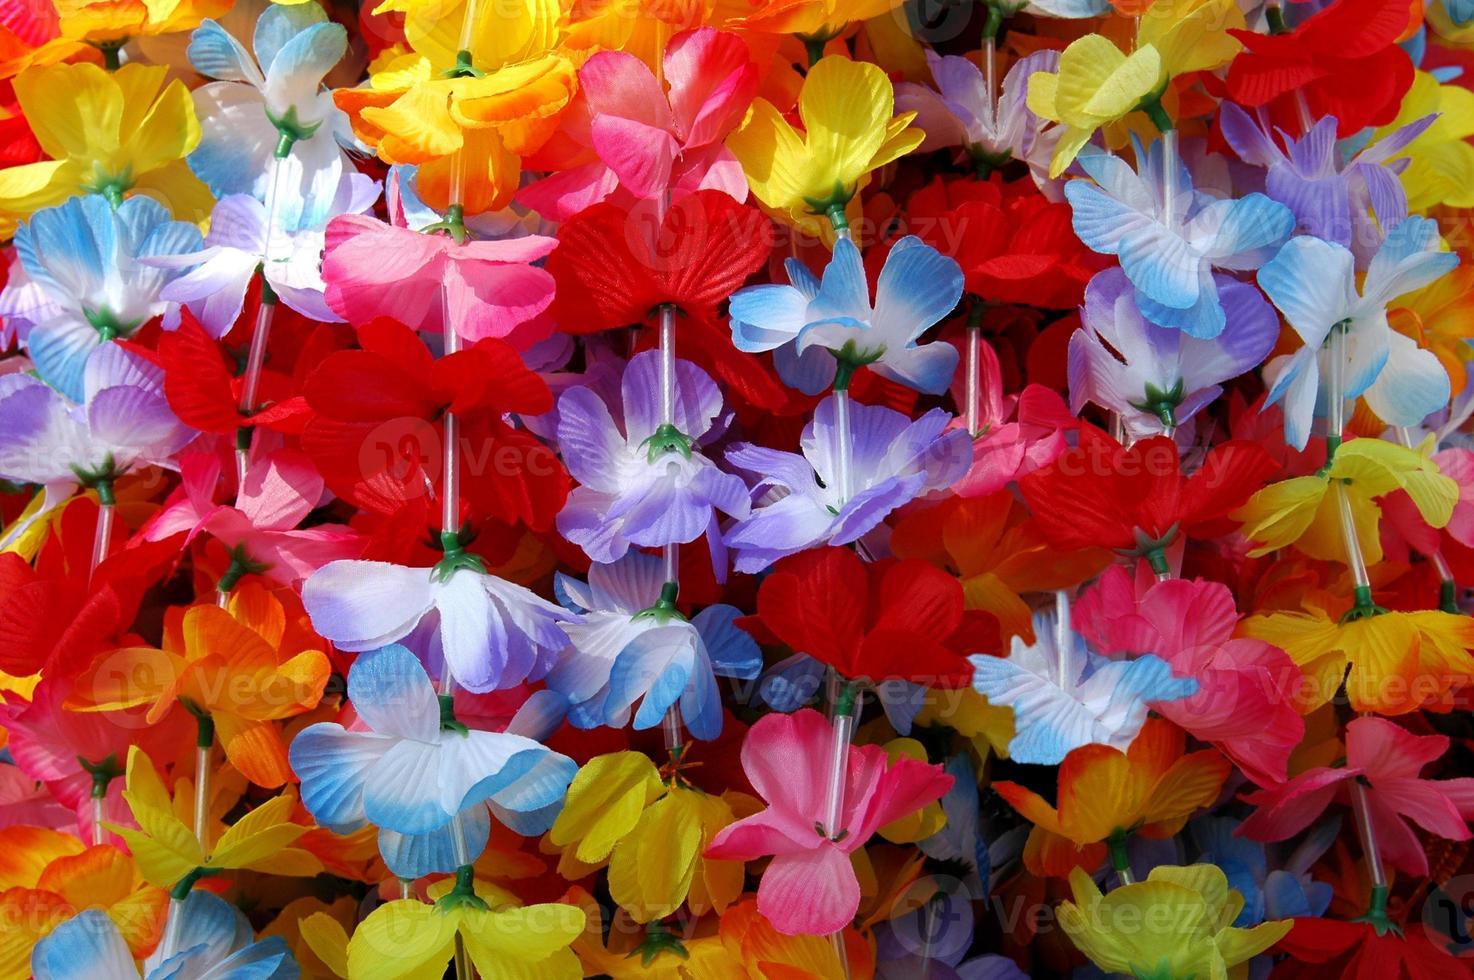 kleurrijke leis foto